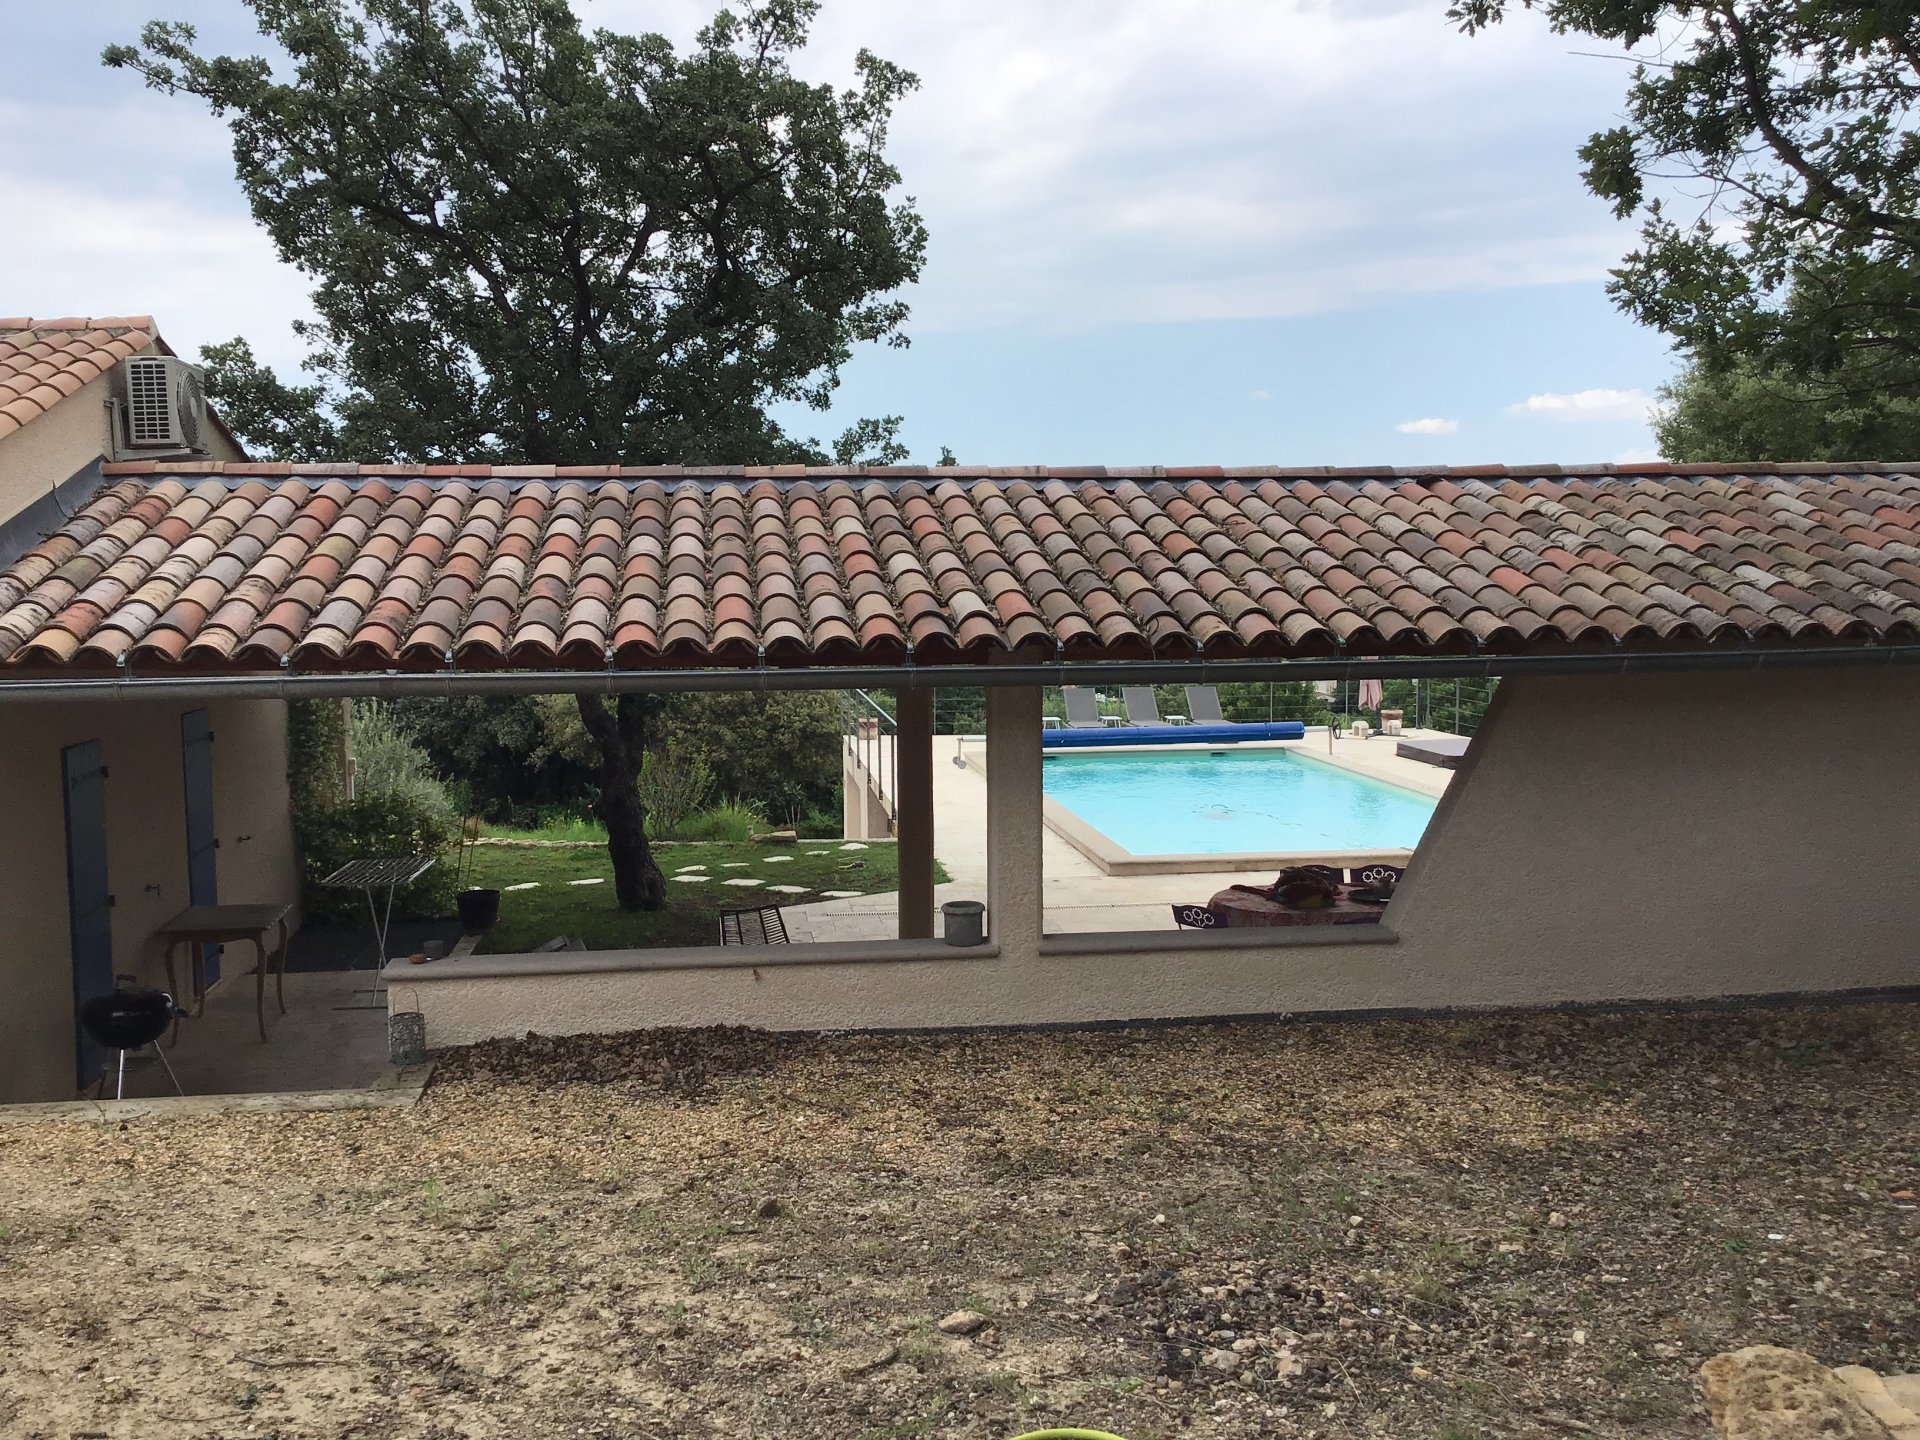 Cotignac maison contemporaine 3 chambres, studio, pool, jacuzzi, vues panoramiques.